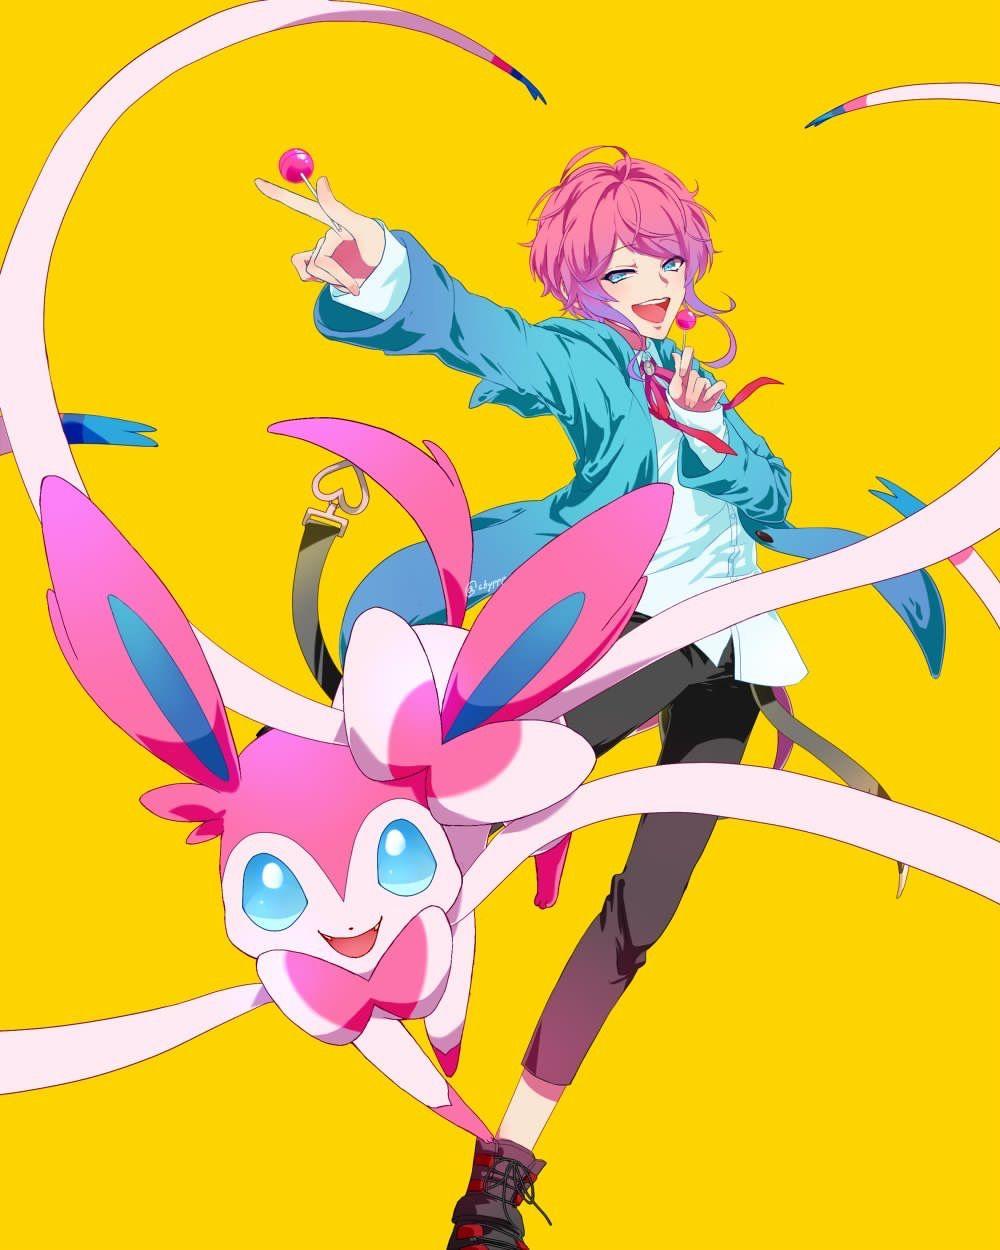 飴村乱数 Ramuda With Pokémon Ramuda In 2019 ヒプマイ イラスト